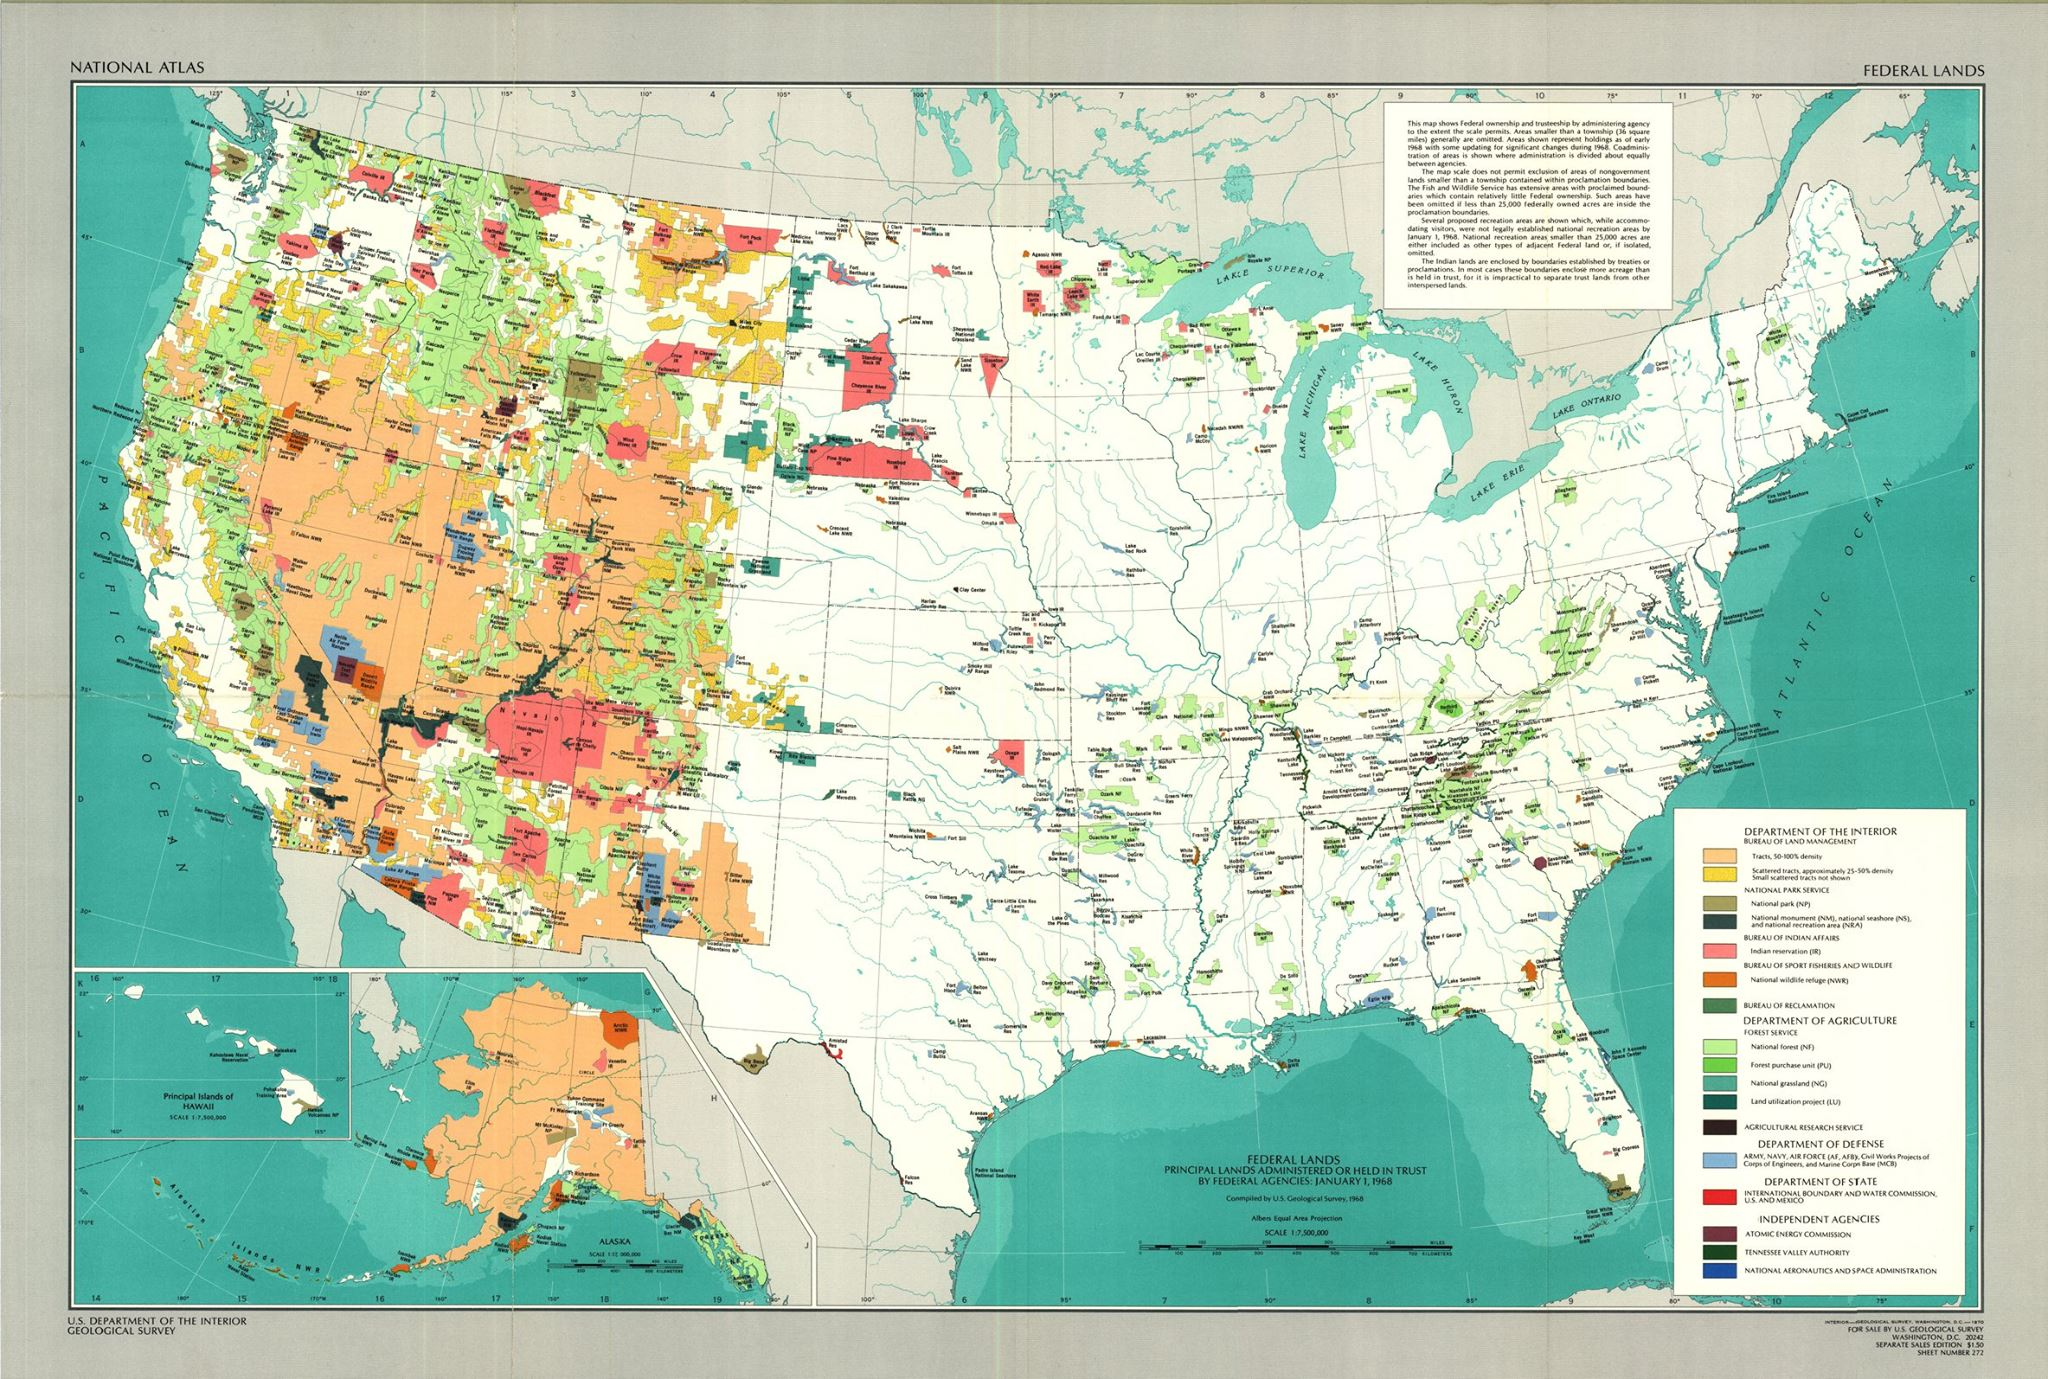 Fed_Lands_as_of_1968.jpg